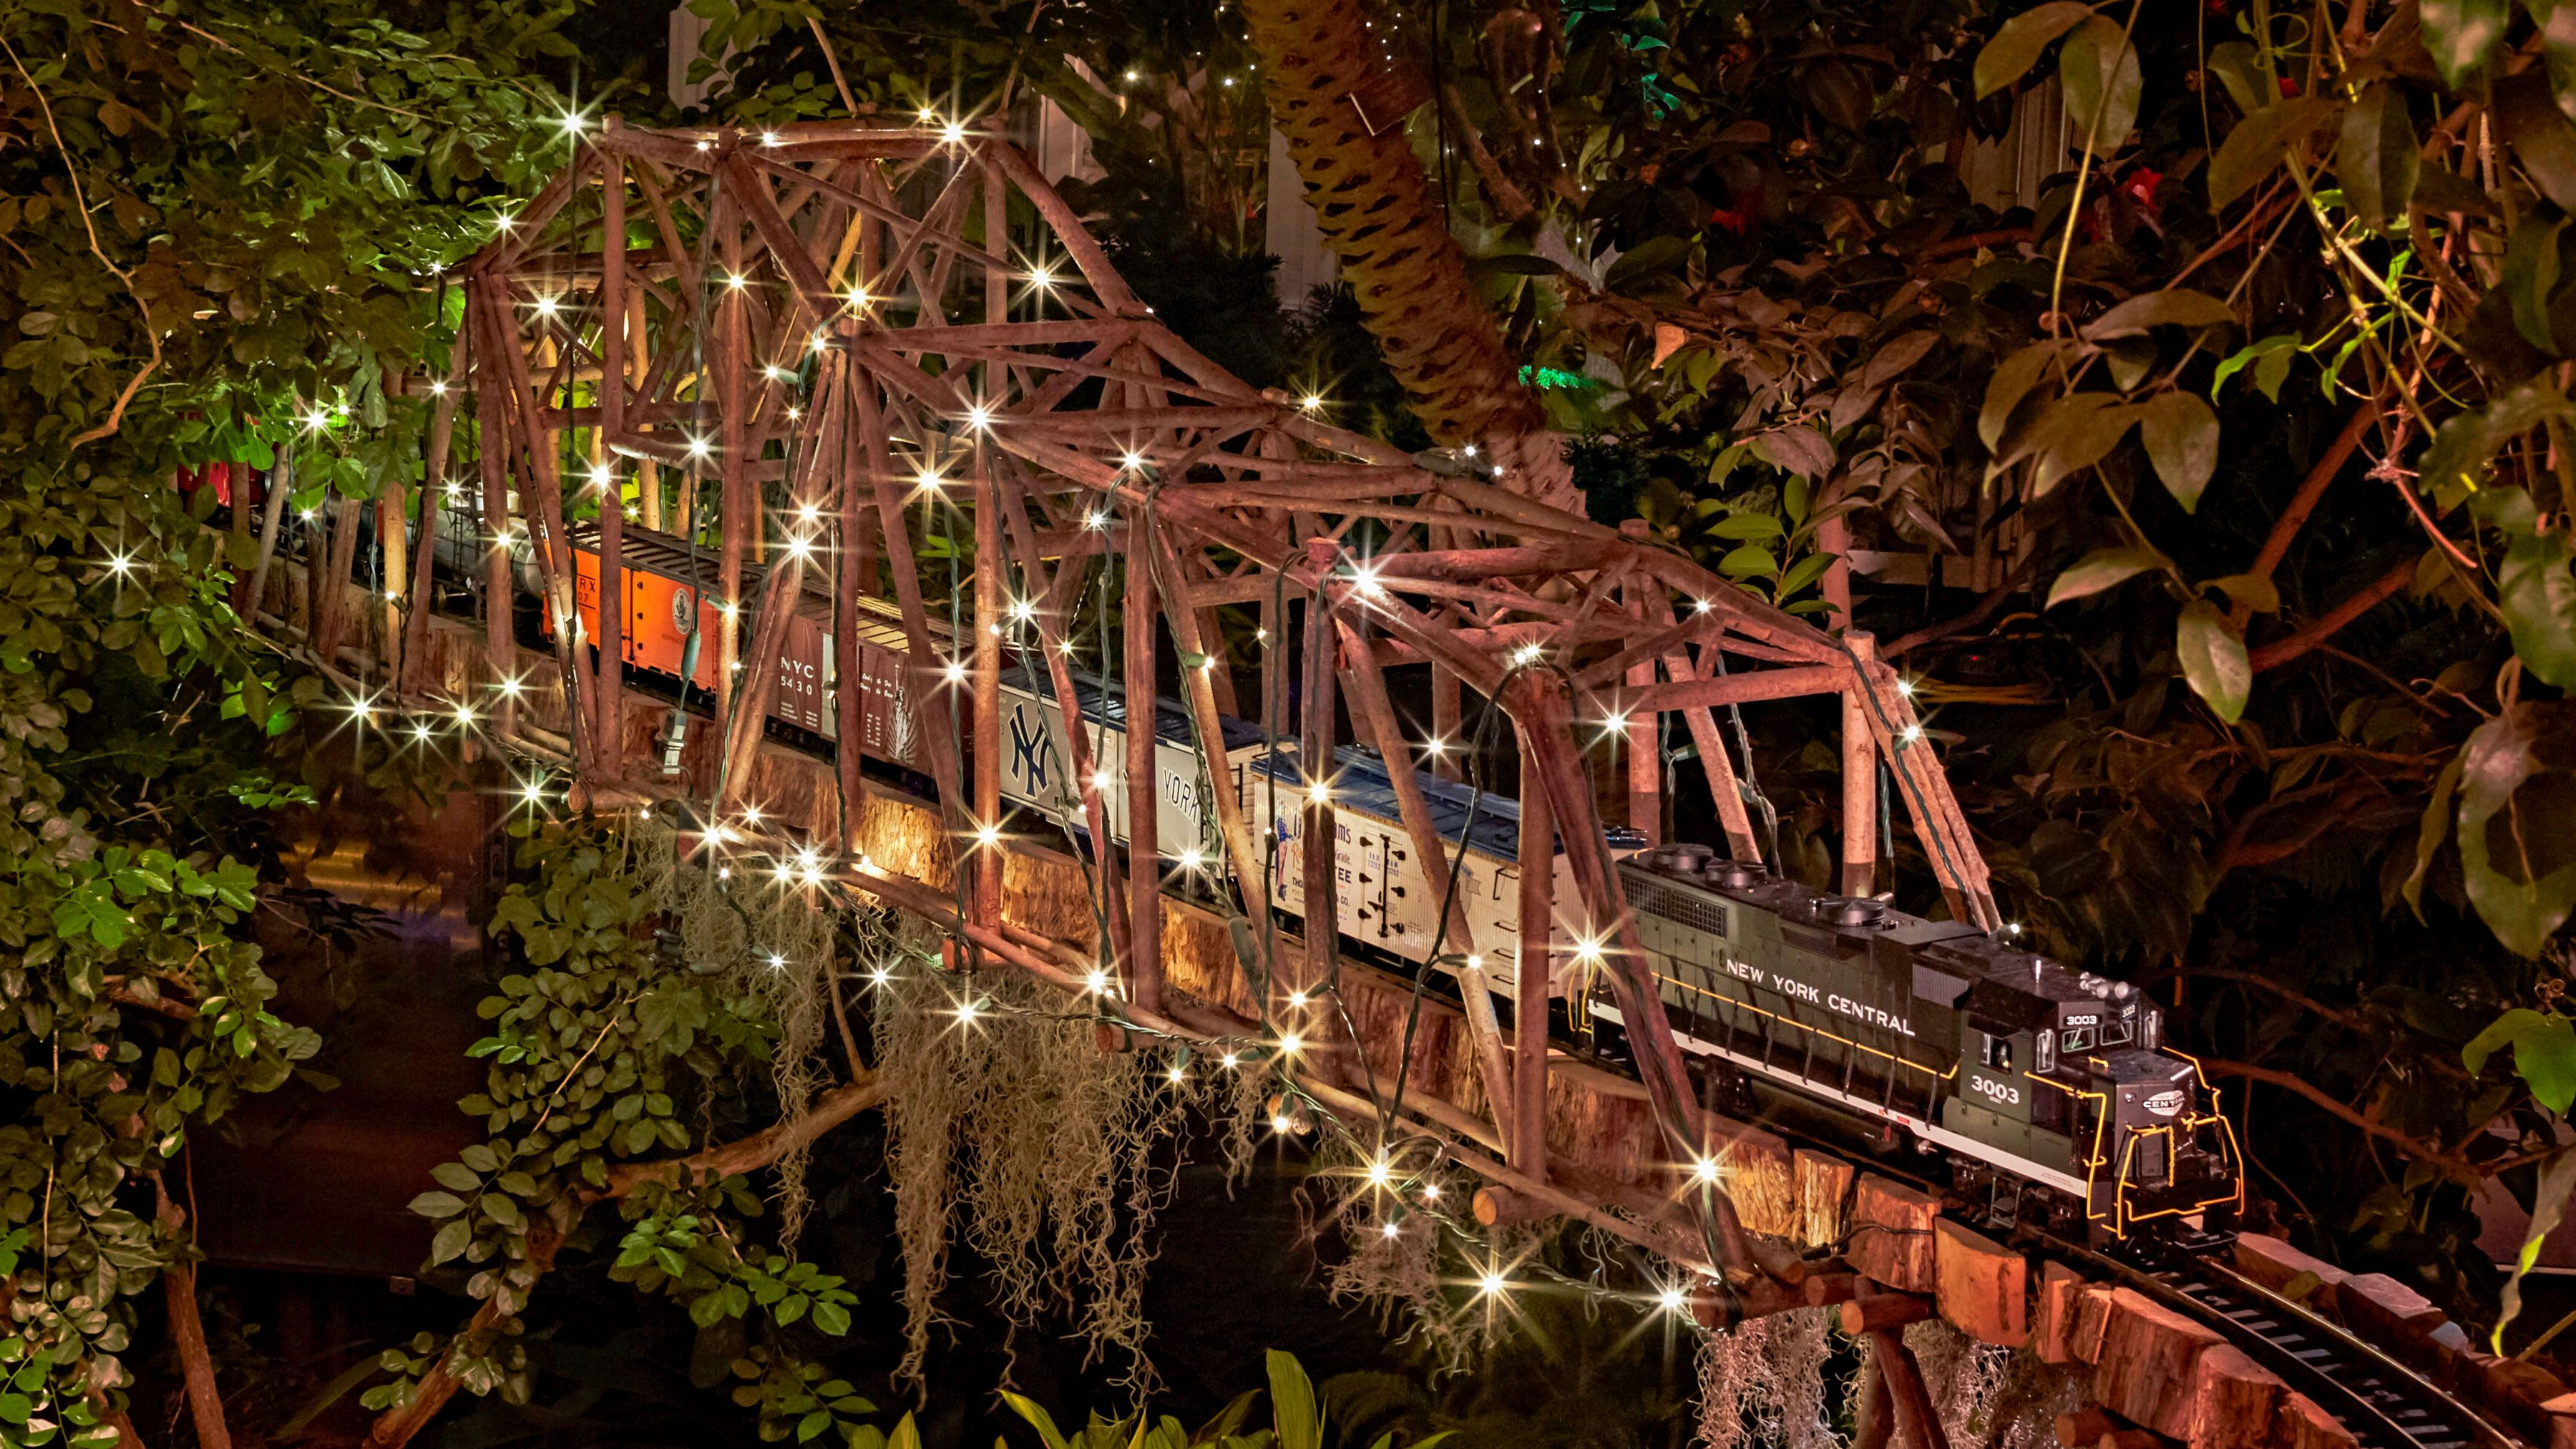 Holiday Train Show Ny Botanical Gardens